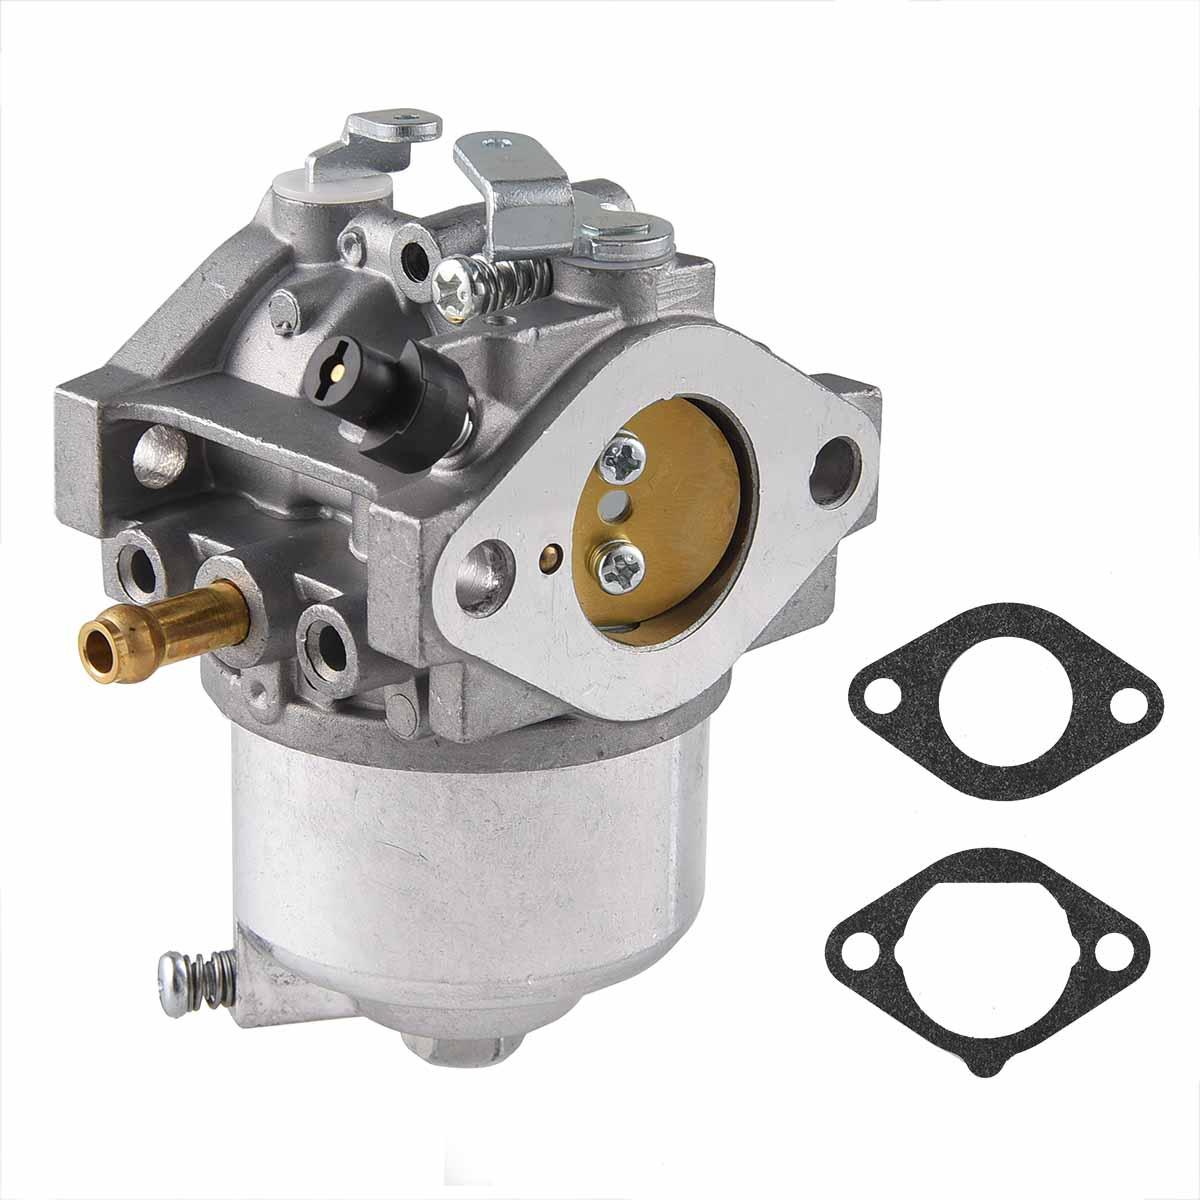 Carburetor John Deere 285 320 345 Kawasaki FD590V Engine LawnMowerCarb AM122617